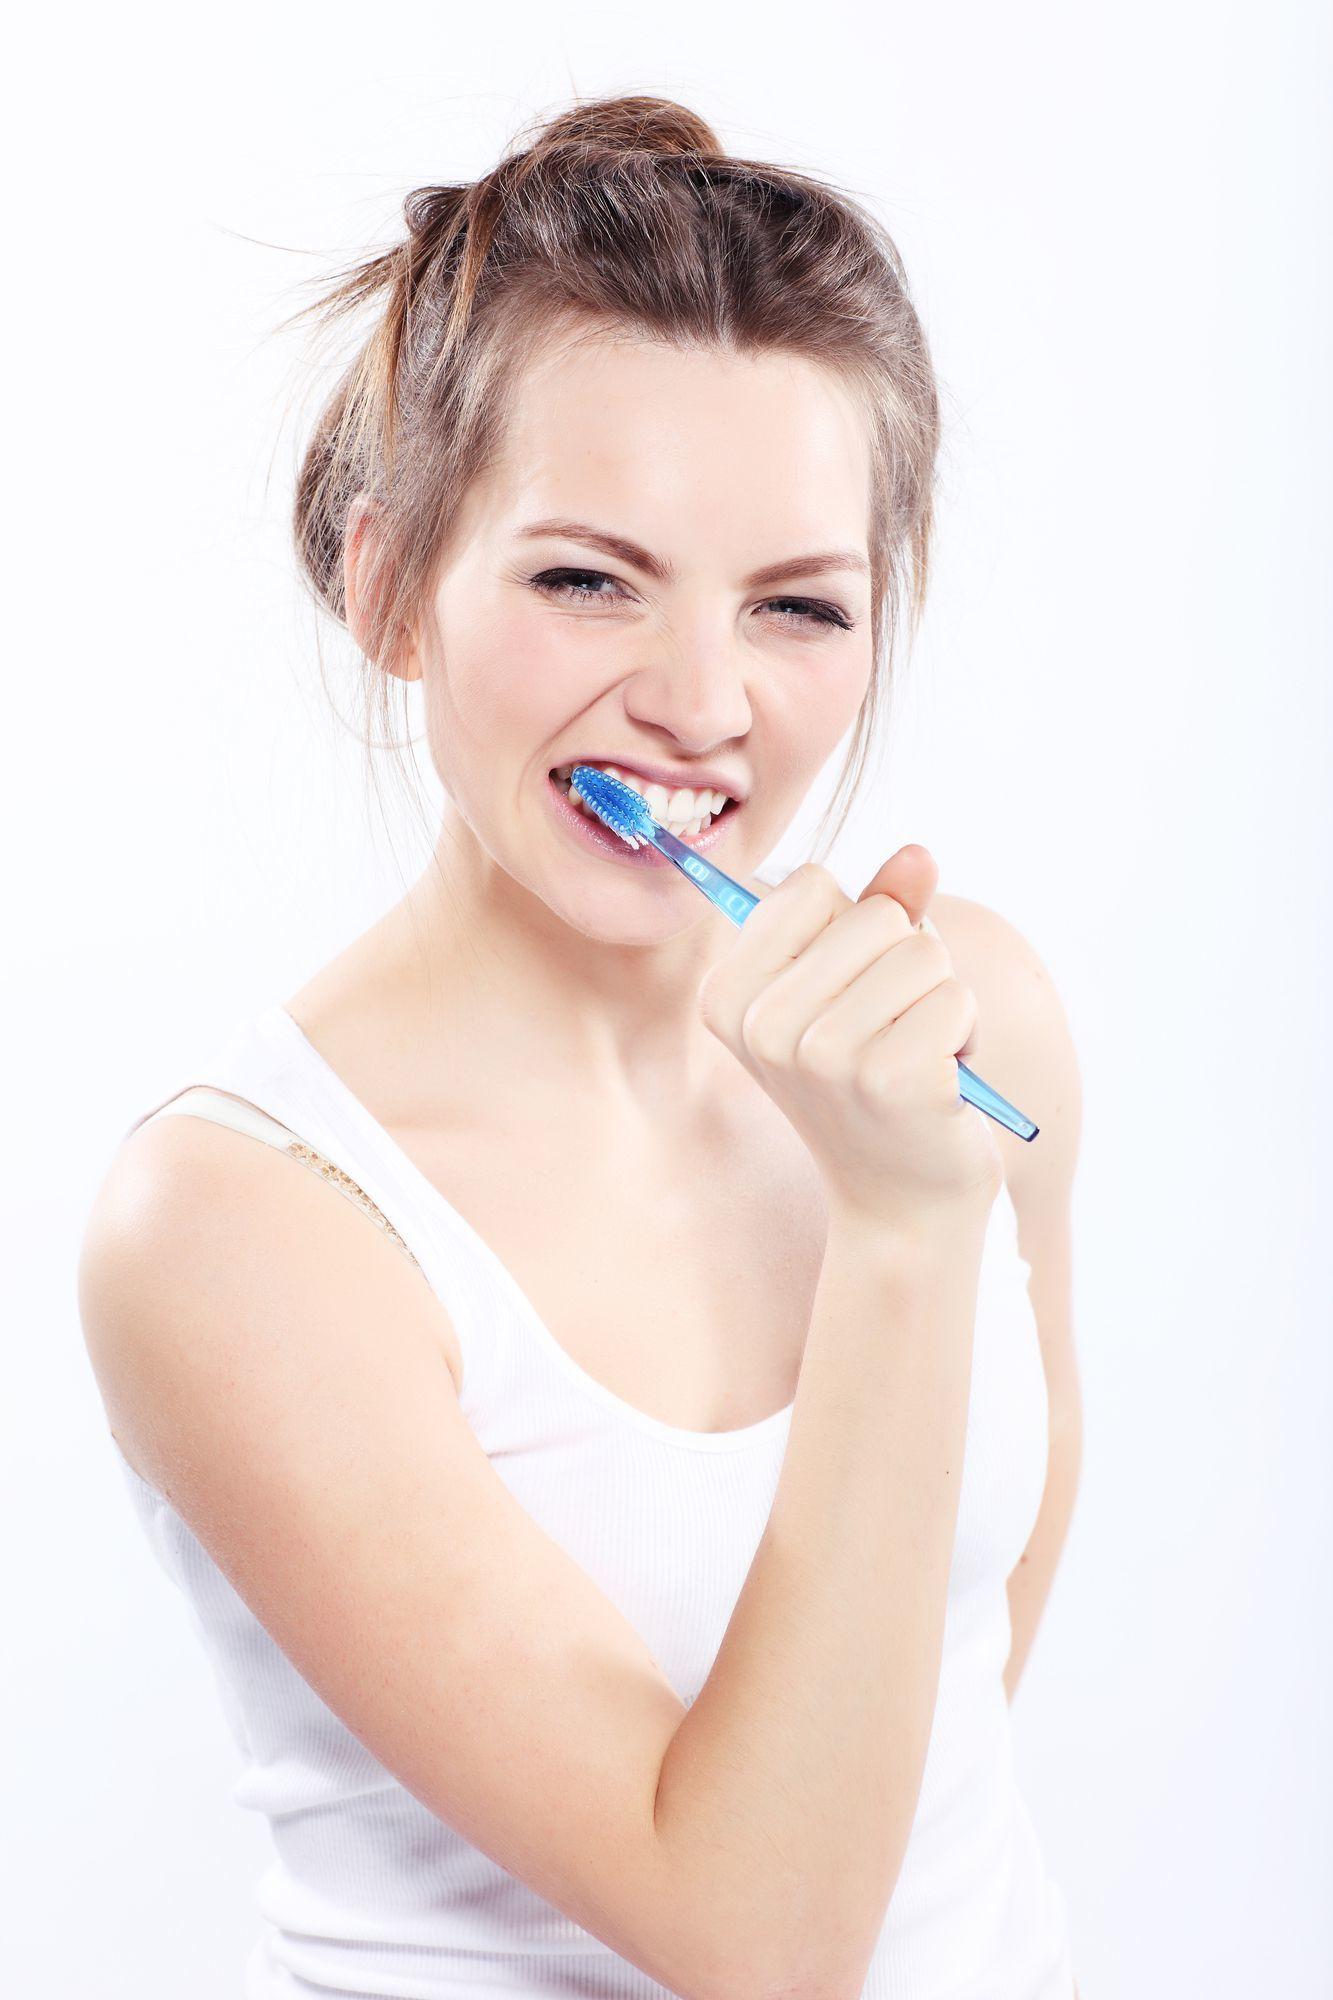 Ragazza mentre si spazzola i denti